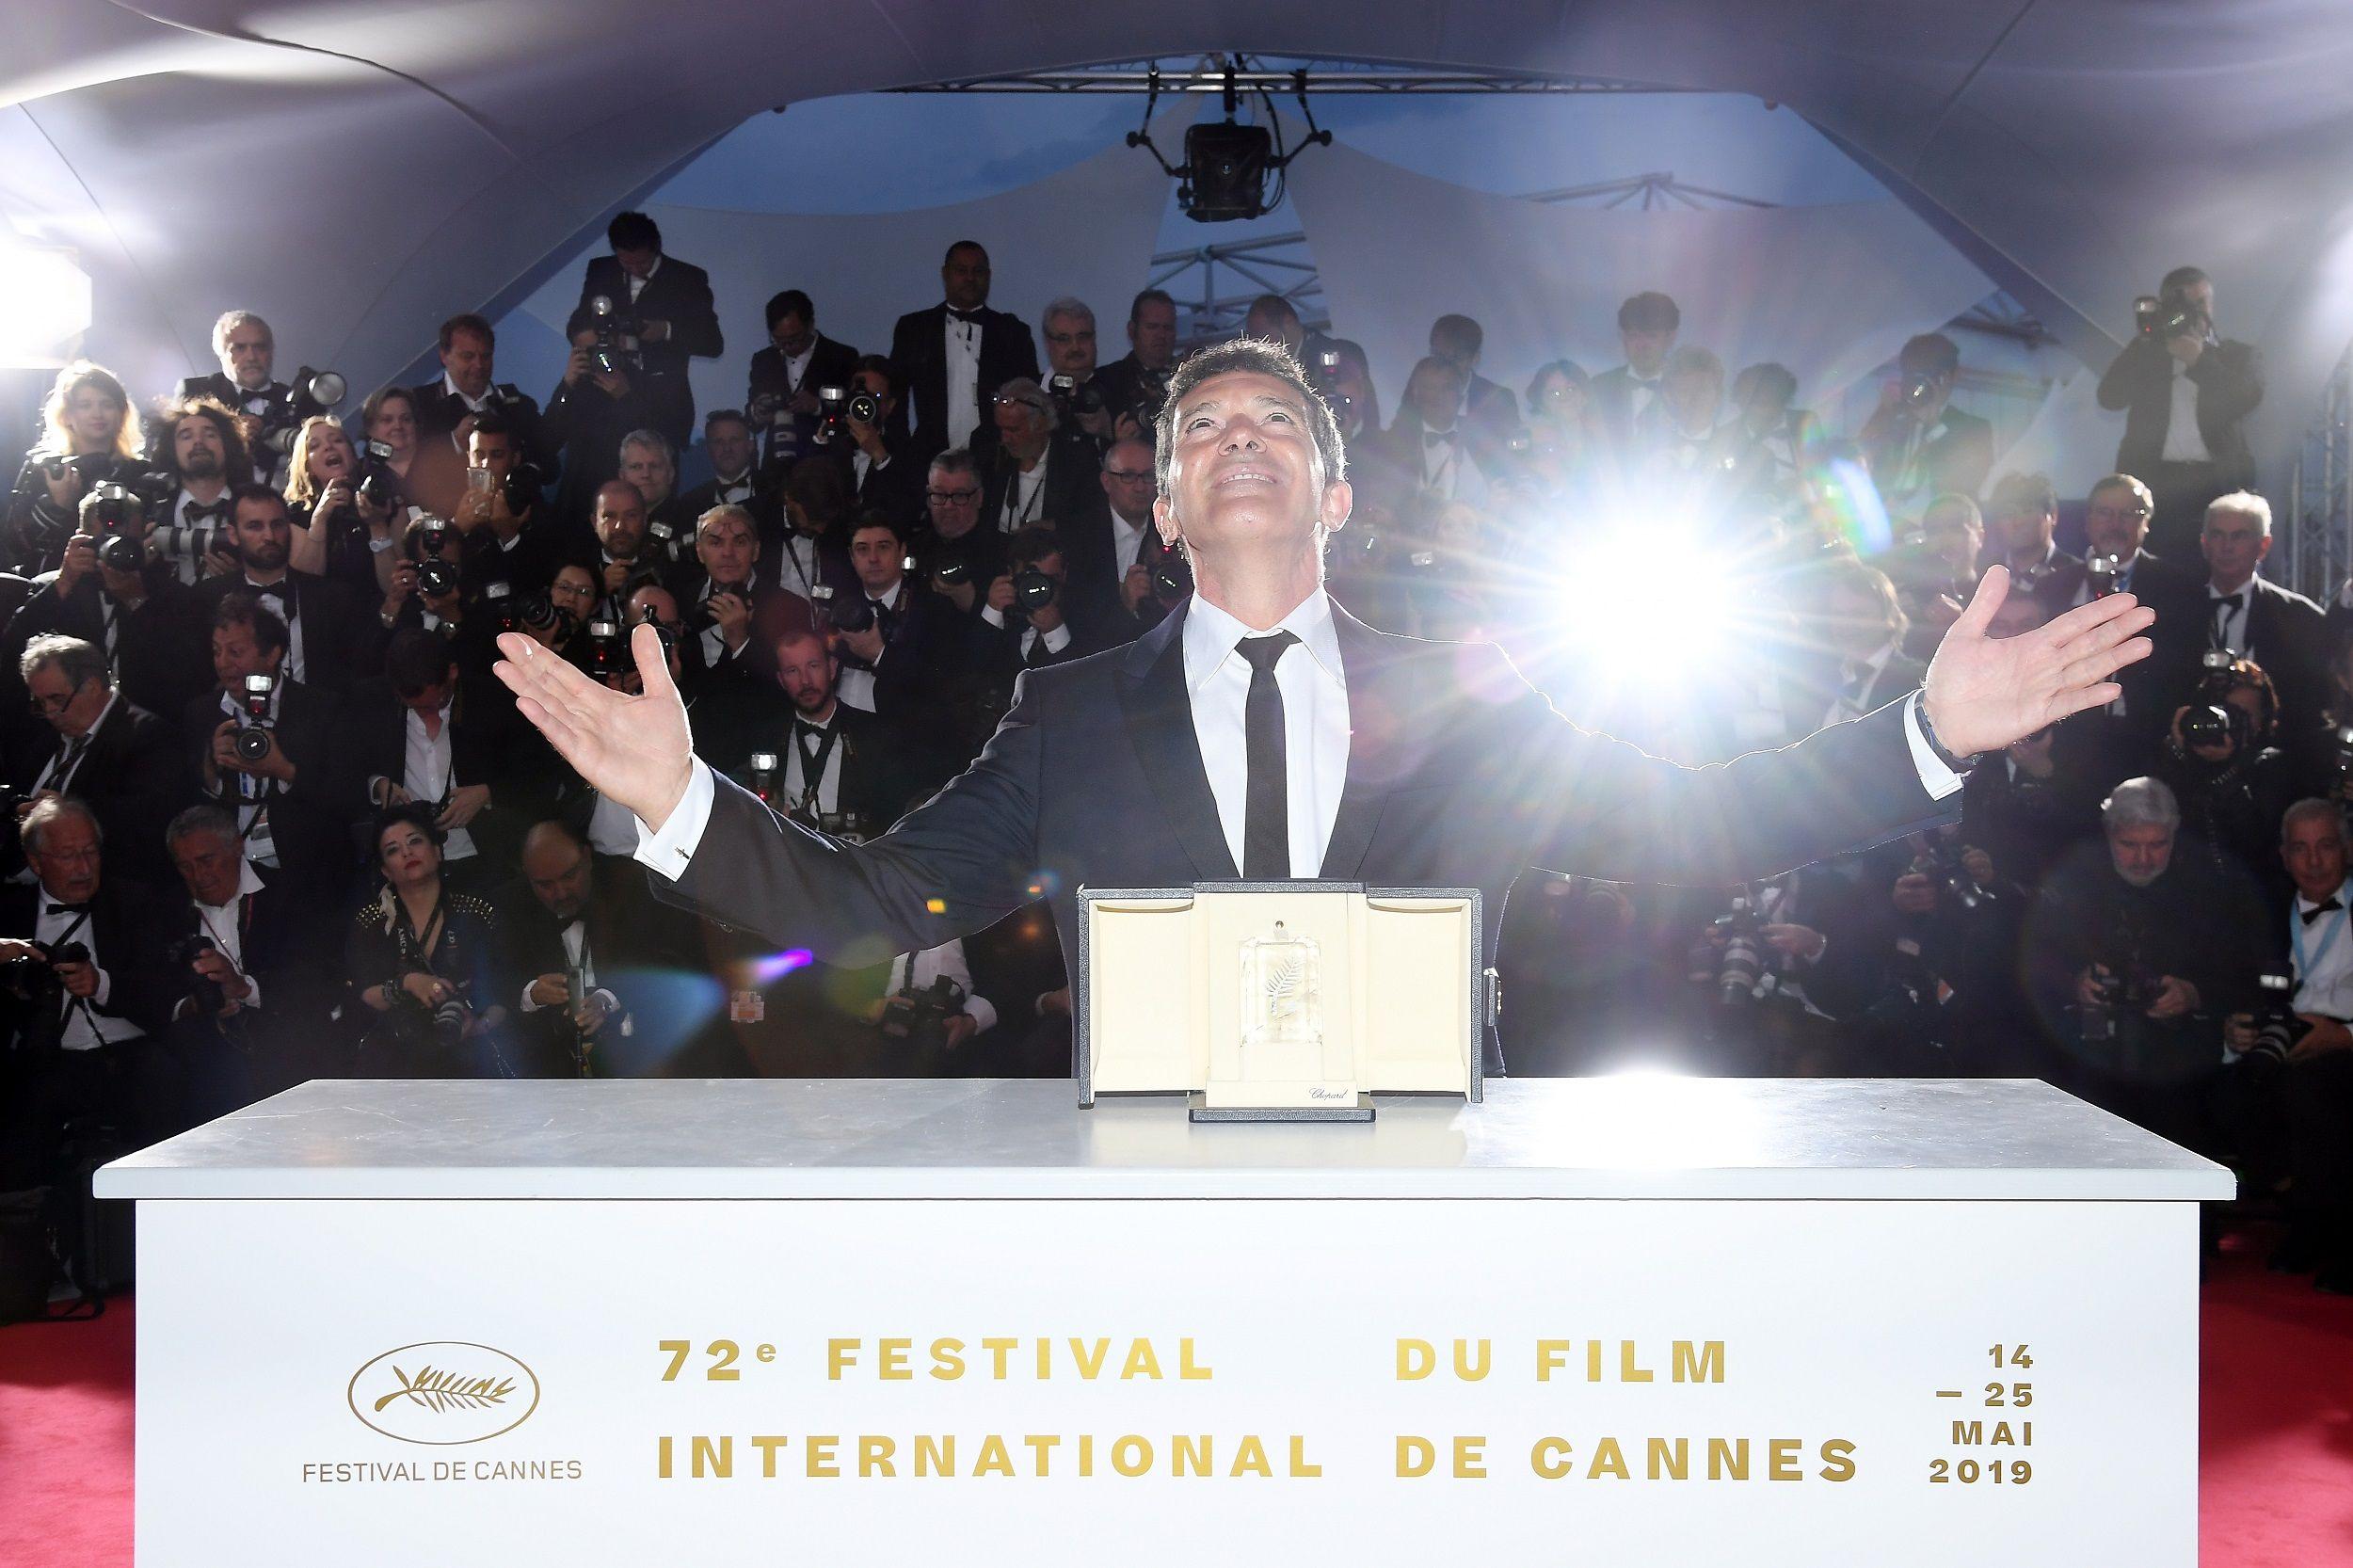 Antonio Banderas, mejor actor en Cannes 2019, a por el Oscar